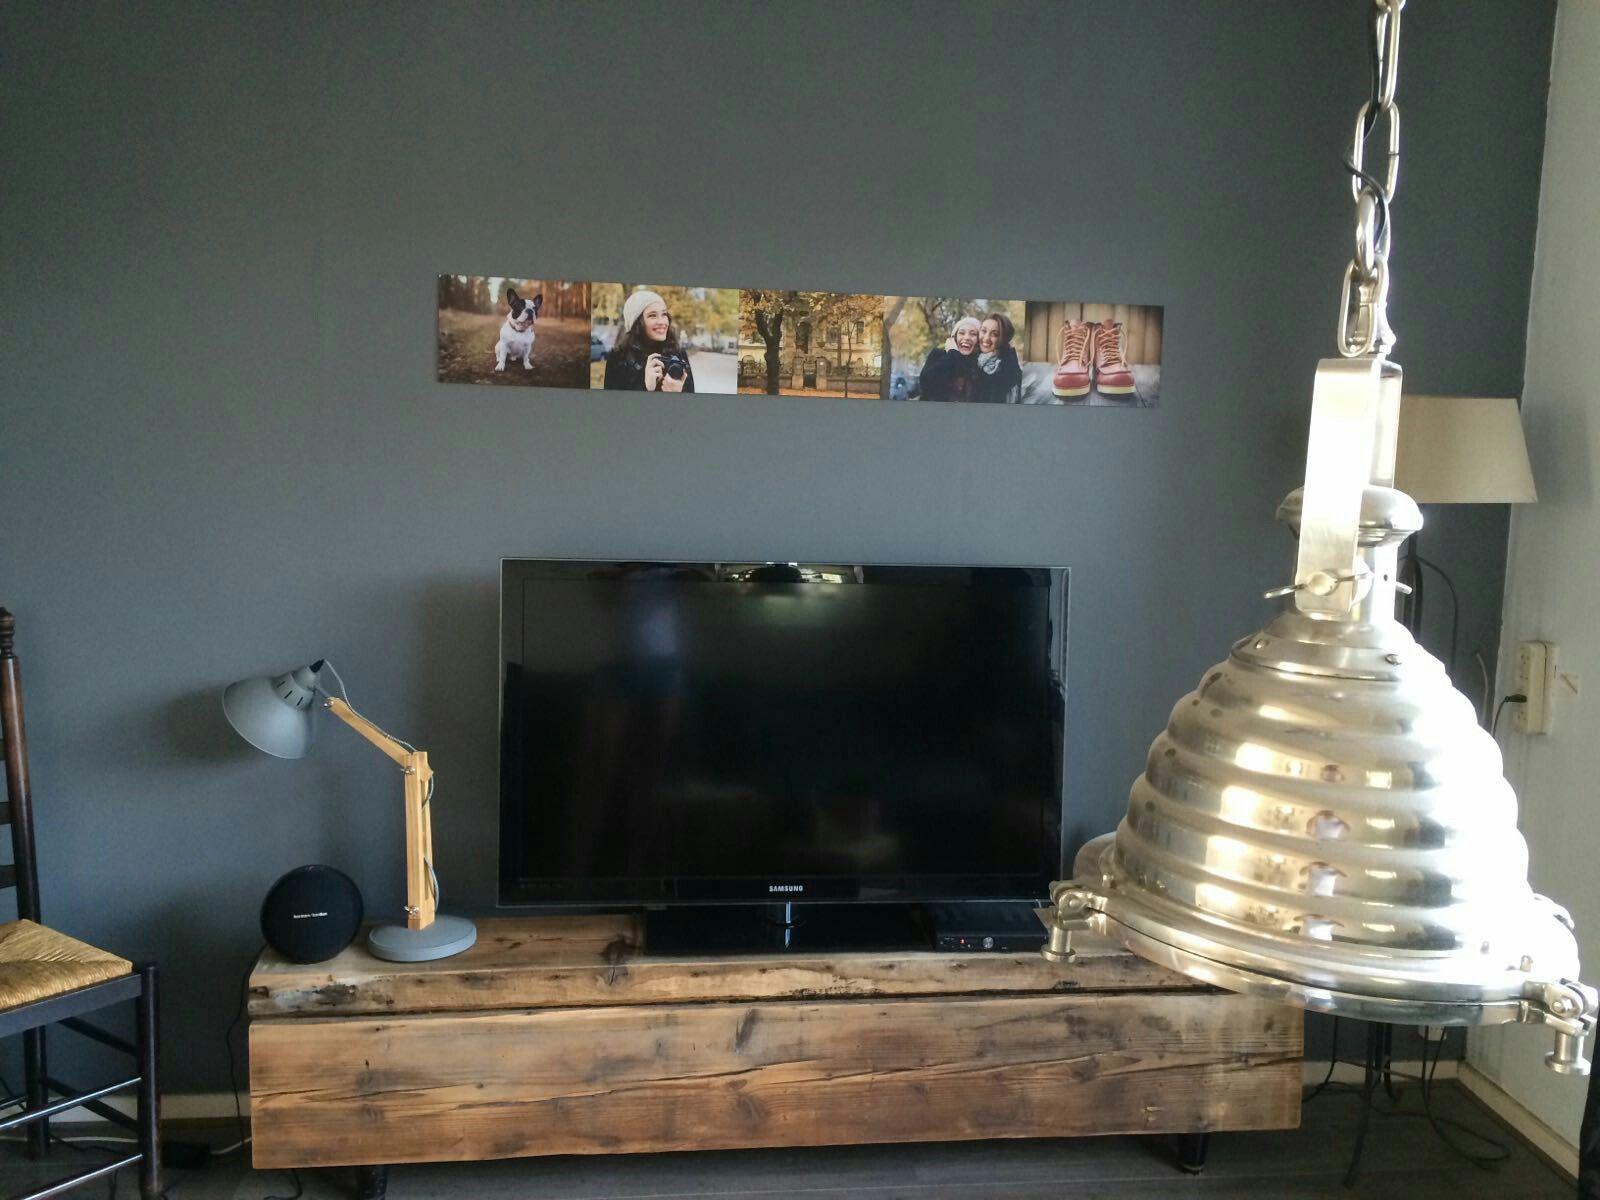 Tv meubel van oude dikke balken. Mooi robuust en stijlvol